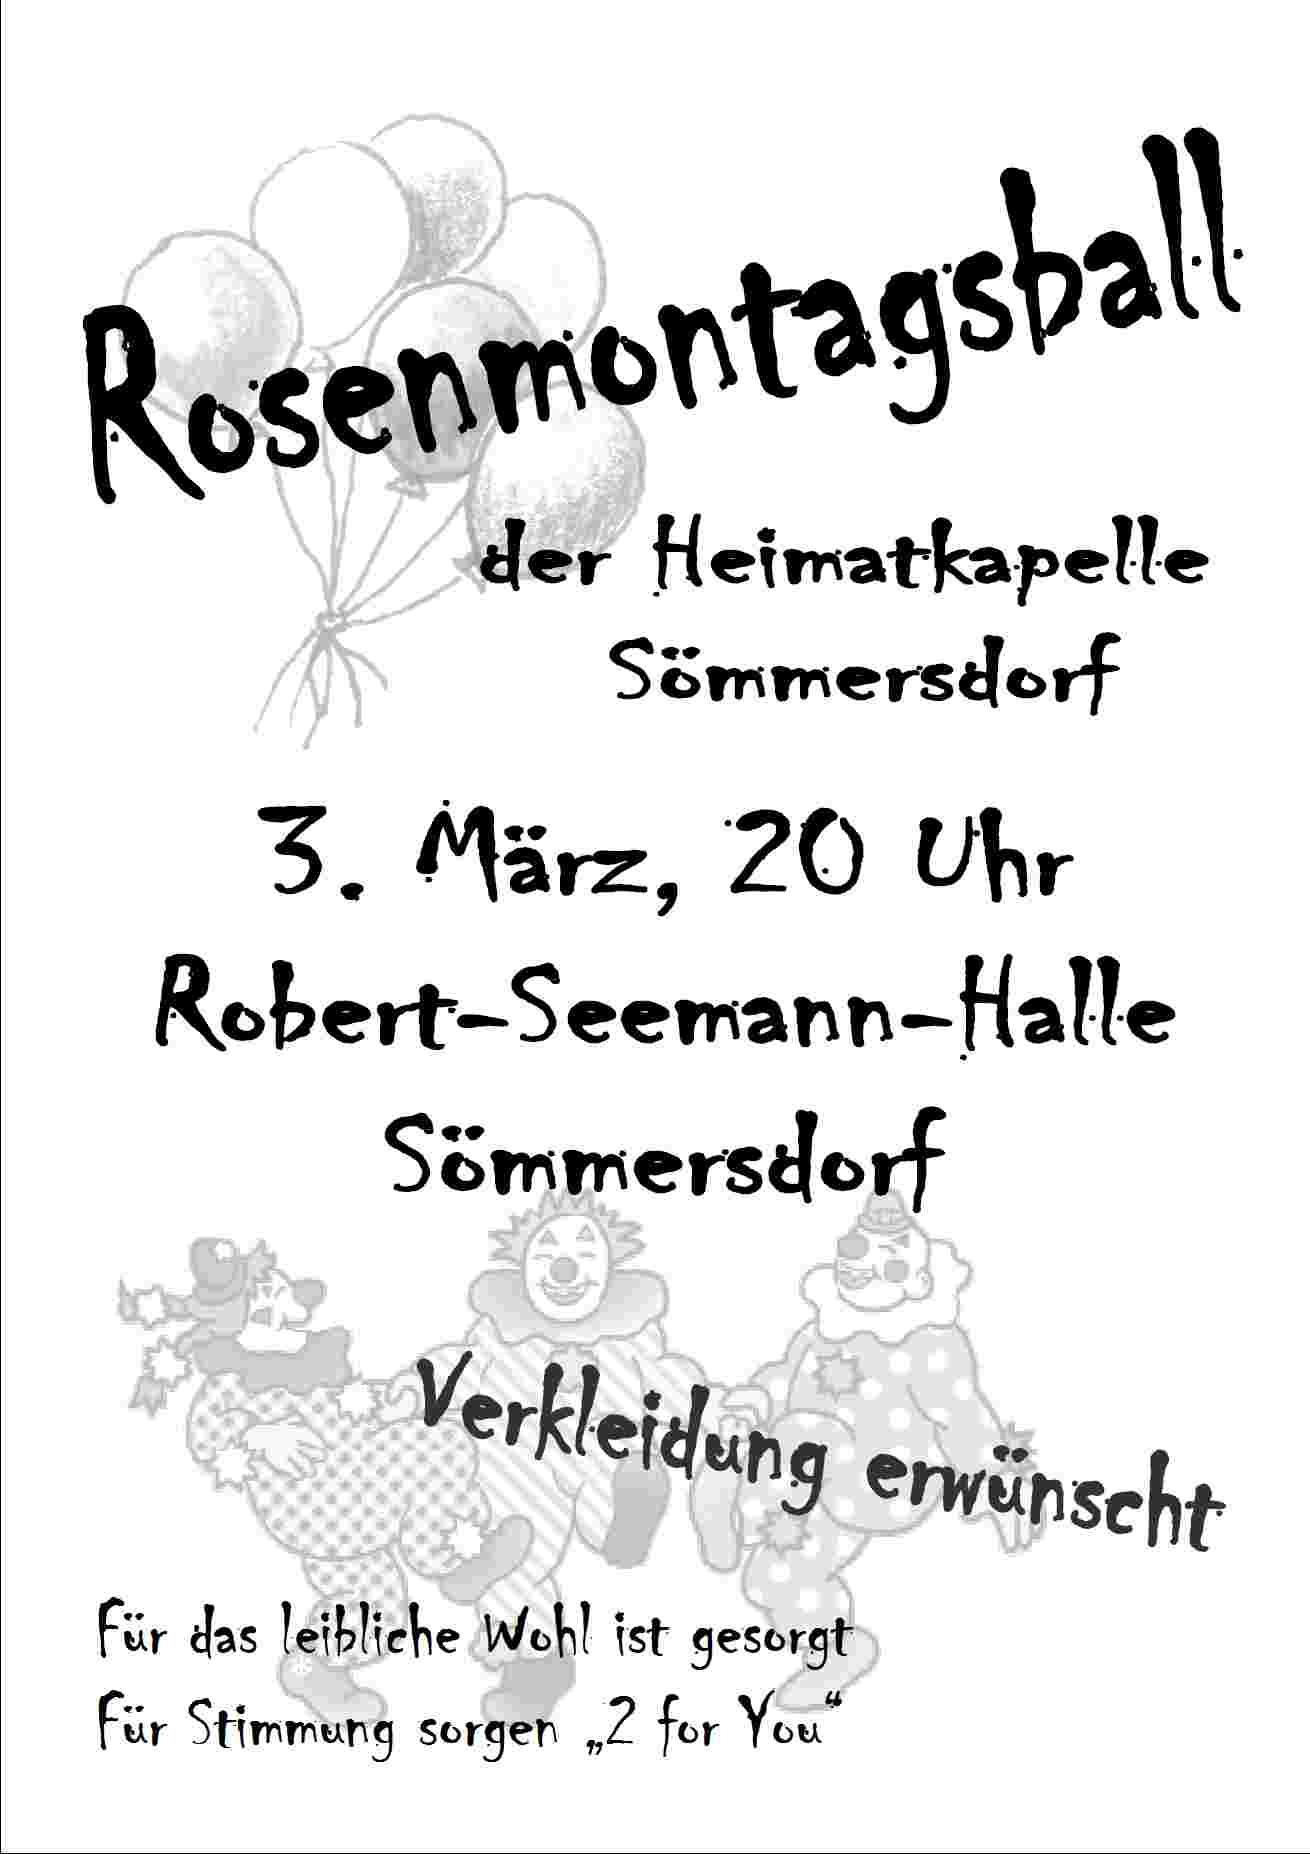 rosenmontagsballplakat